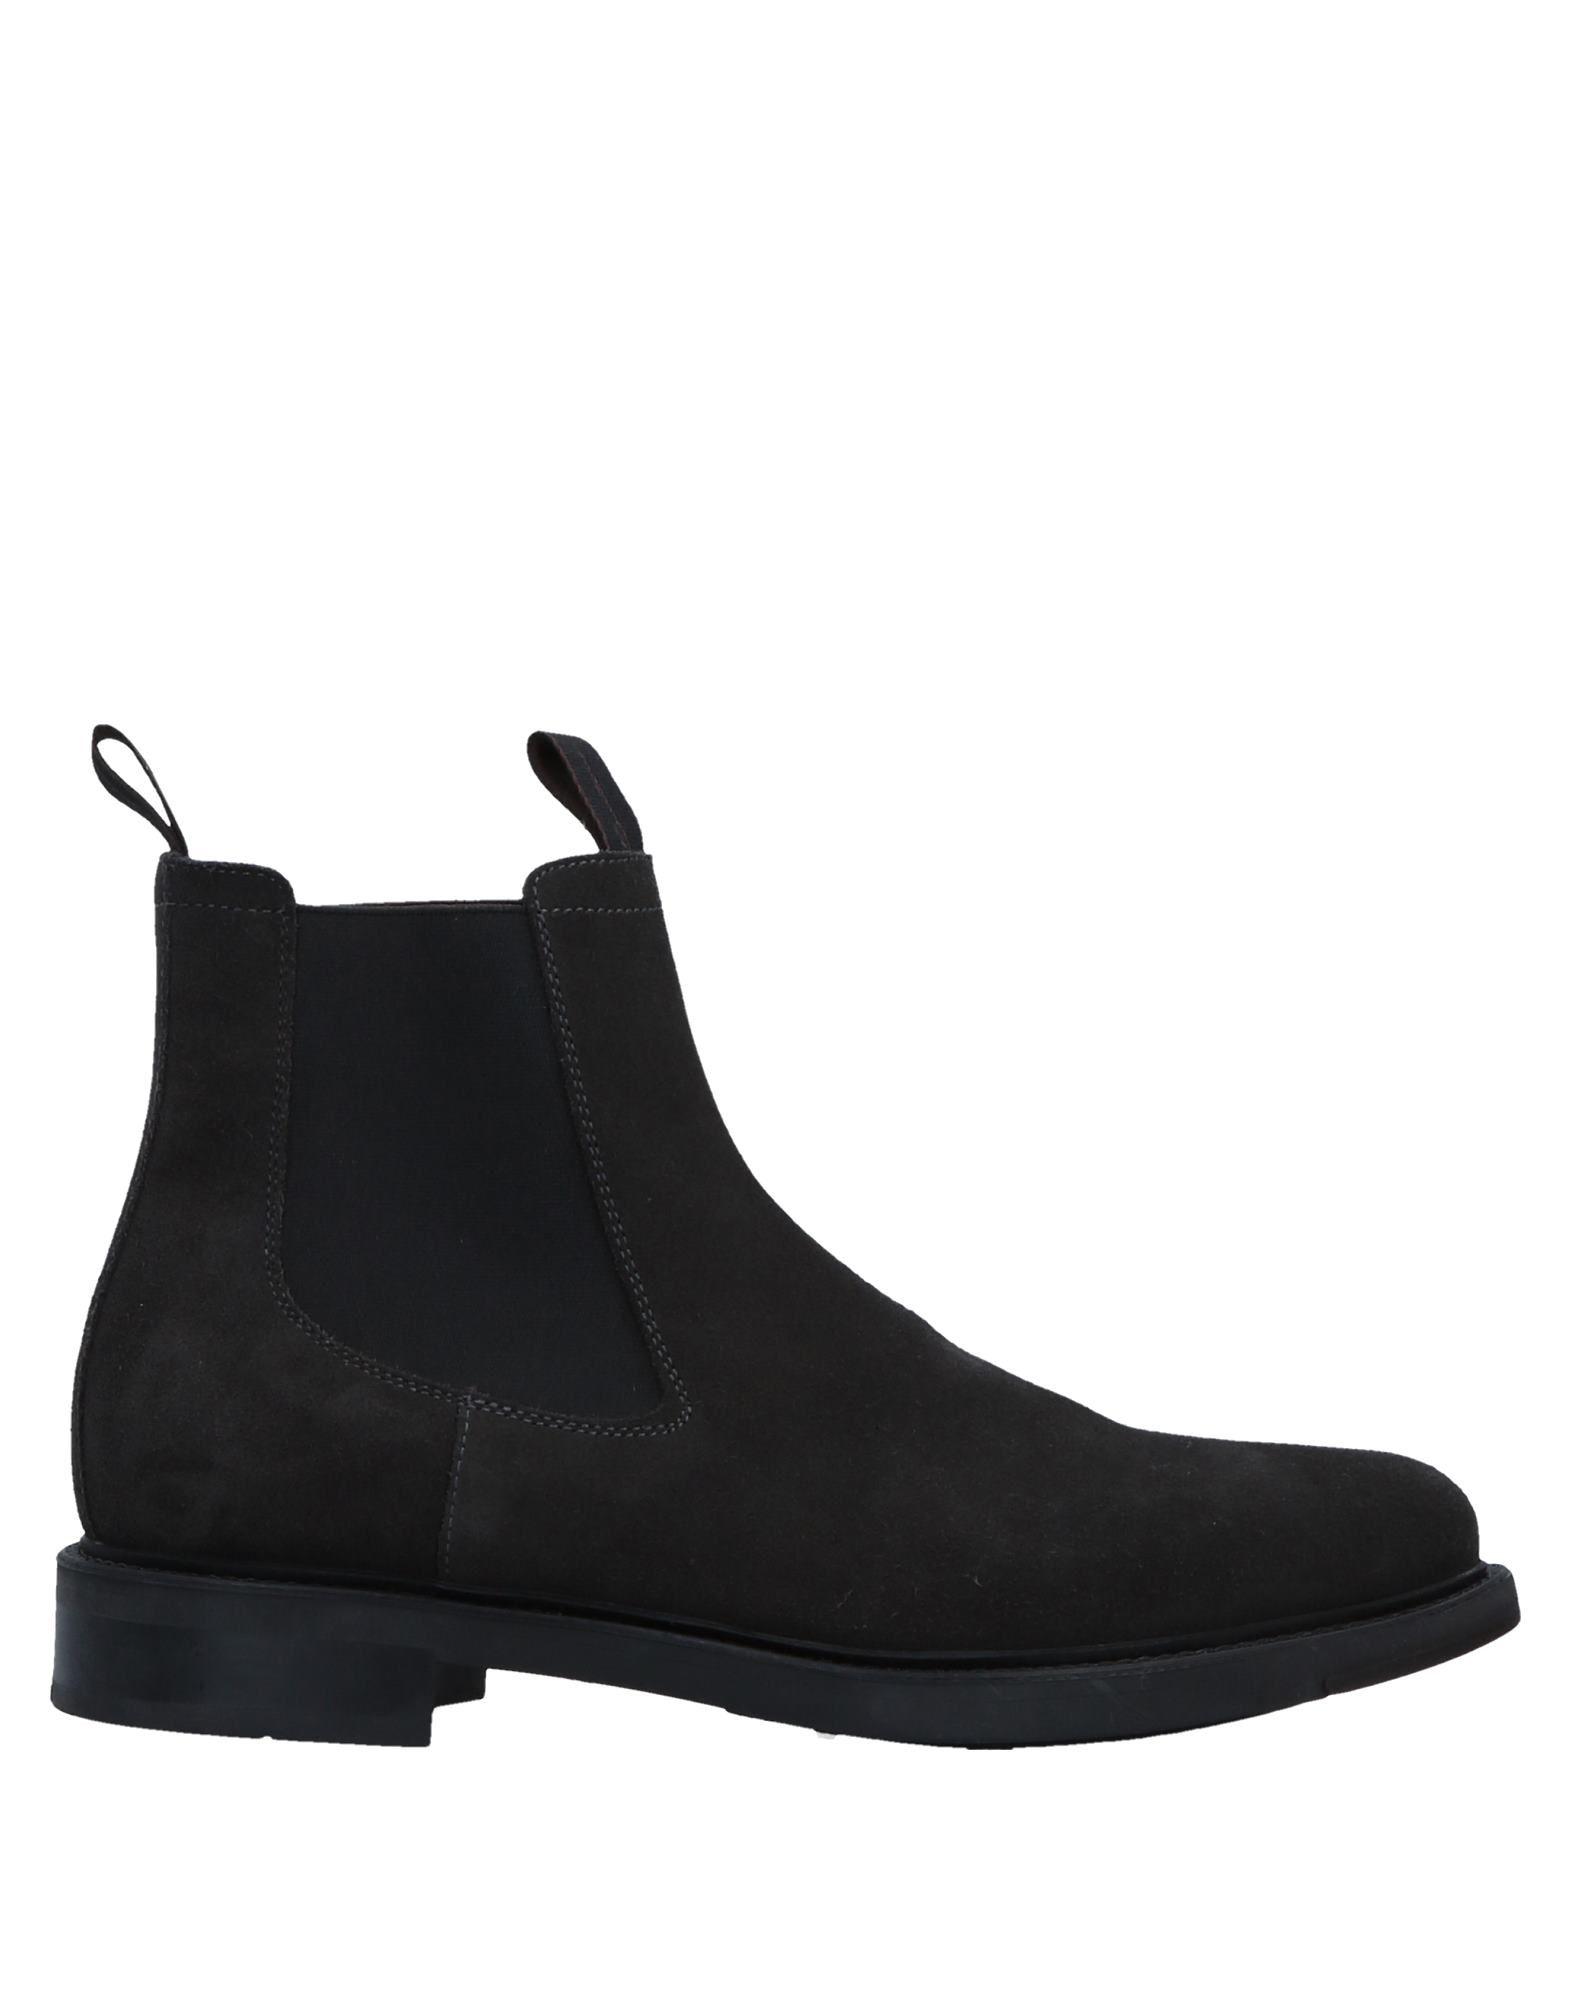 Santoni Gute Stiefelette Herren  11304762SD Gute Santoni Qualität beliebte Schuhe 6bc7c2